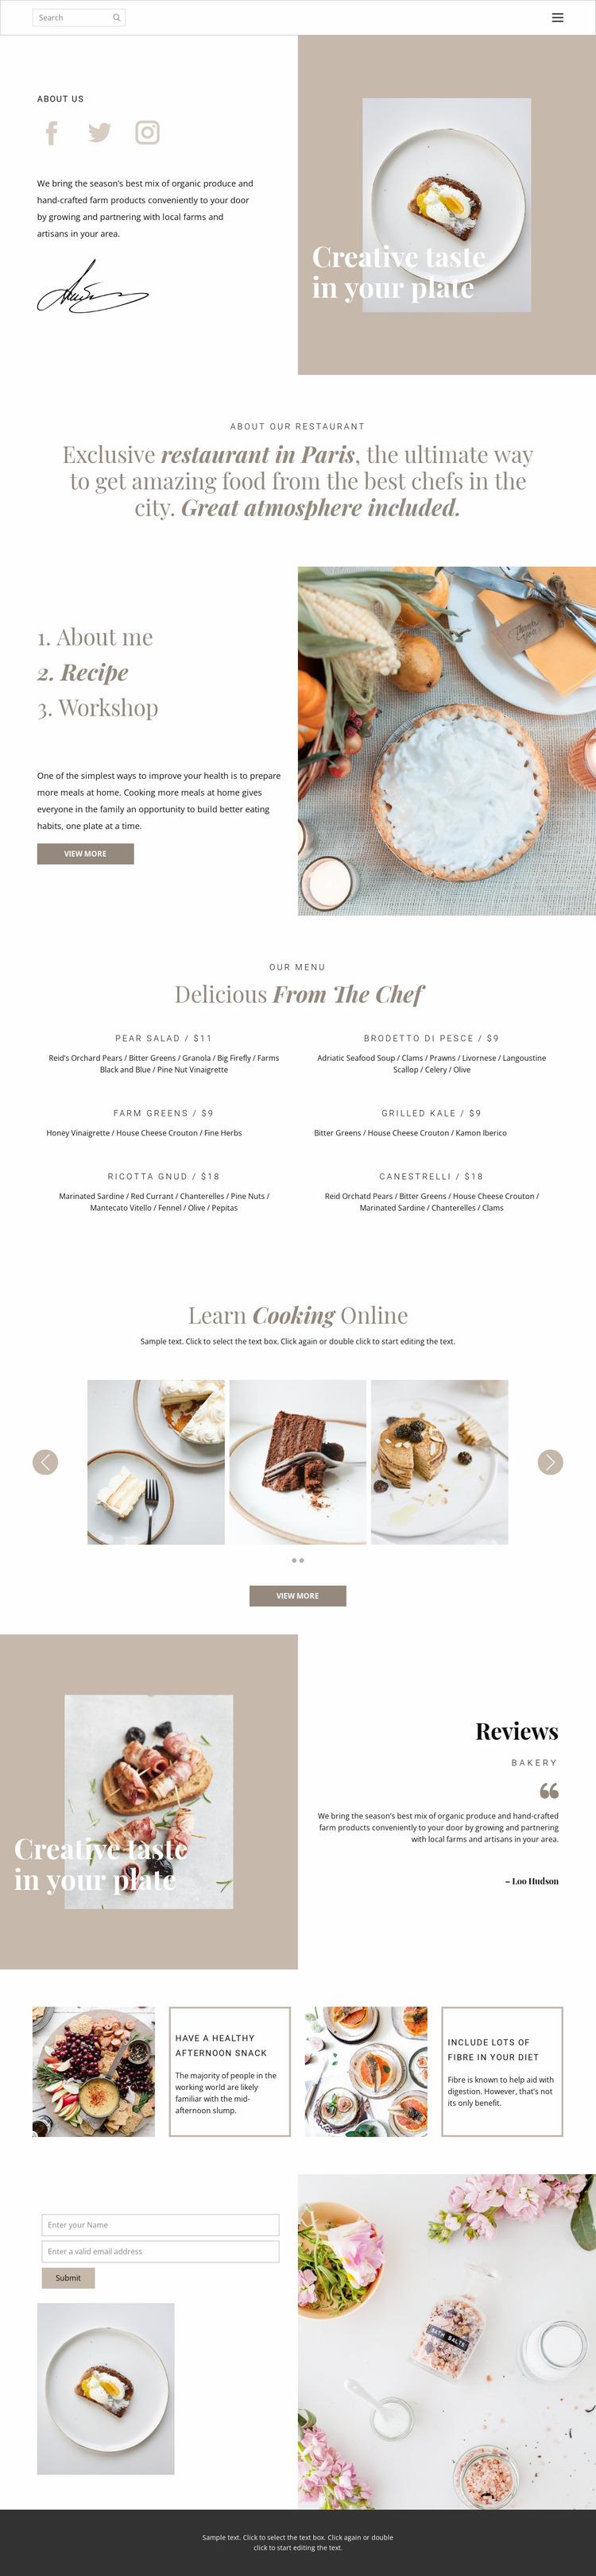 Creative taste in plate Website Mockup